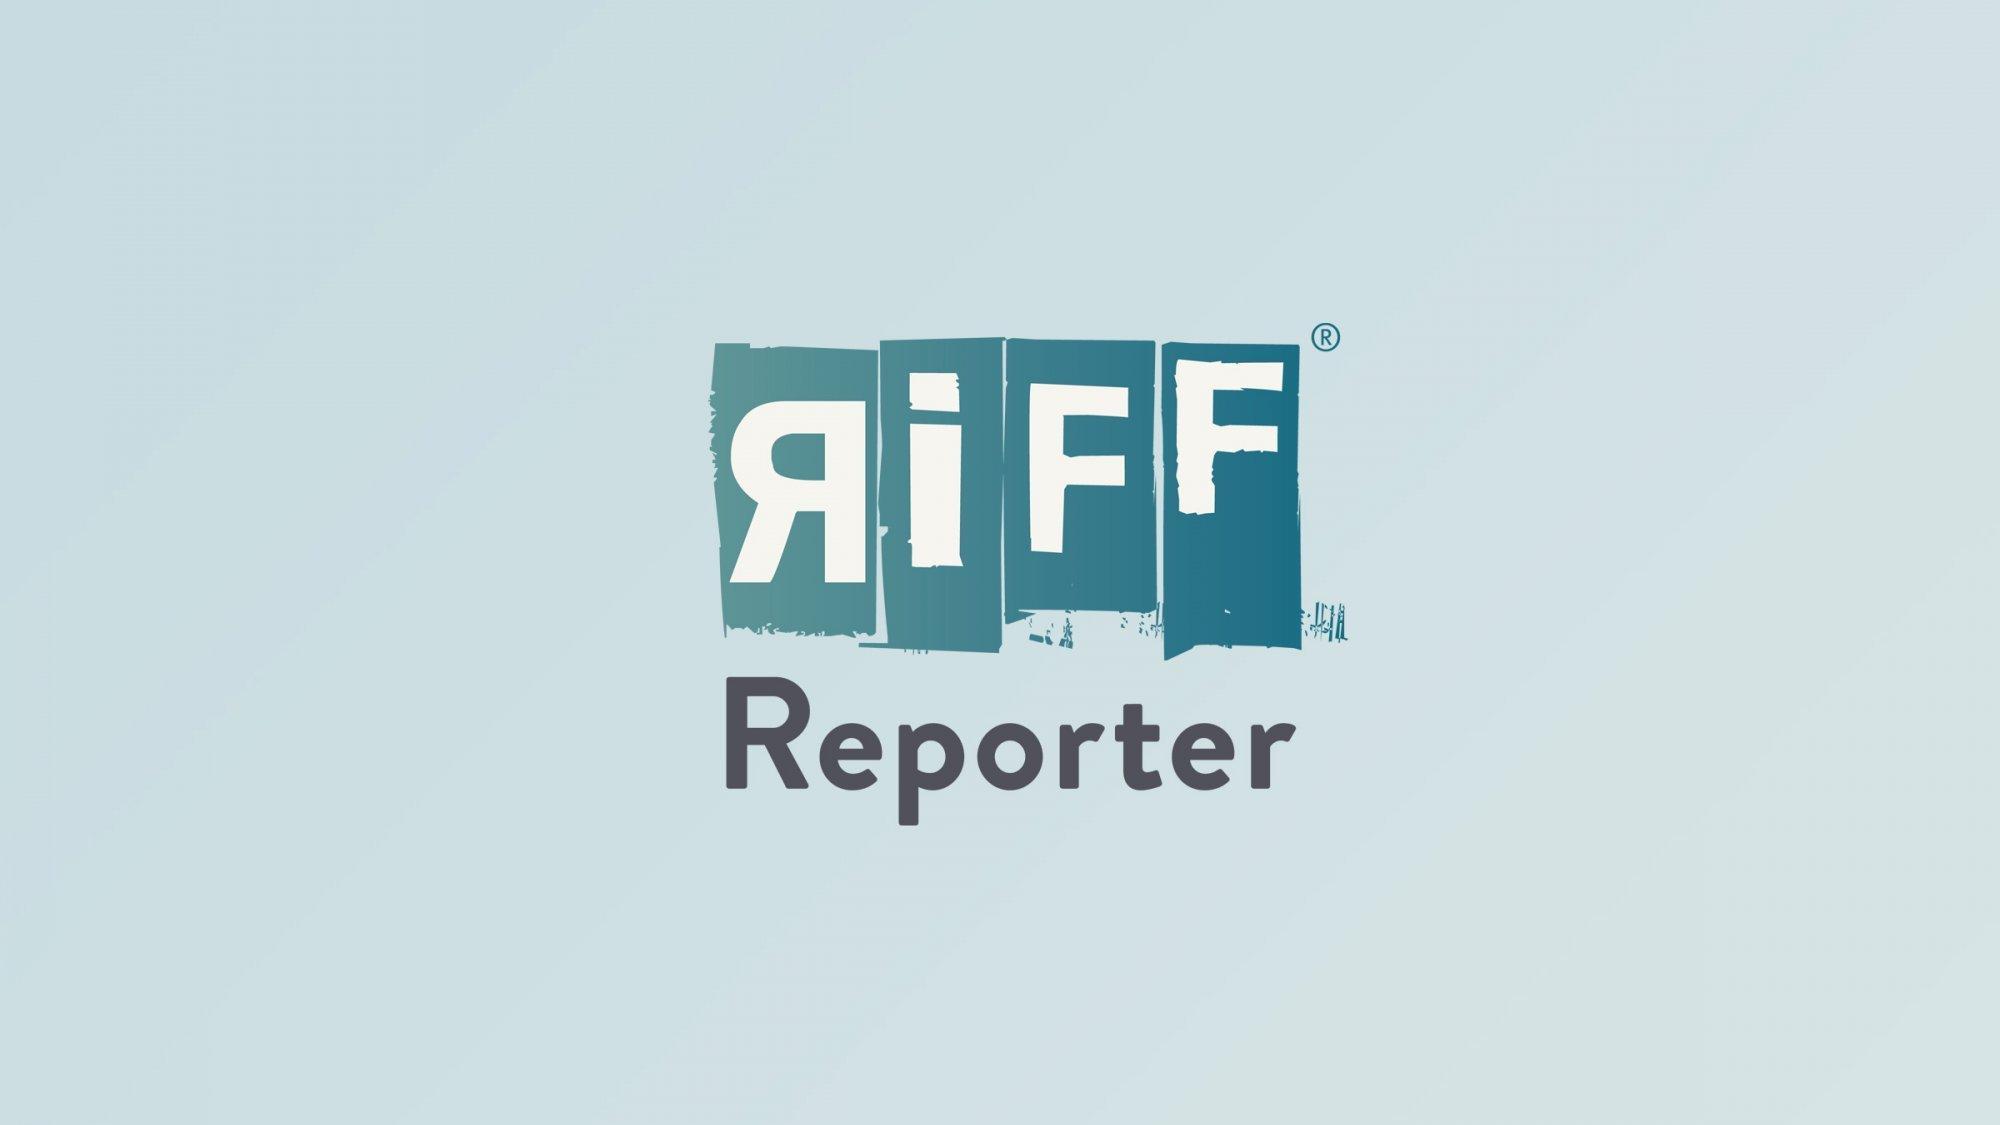 Ein Traktor sprüht aus einem Anhänger Chemikalien auf ein Feld